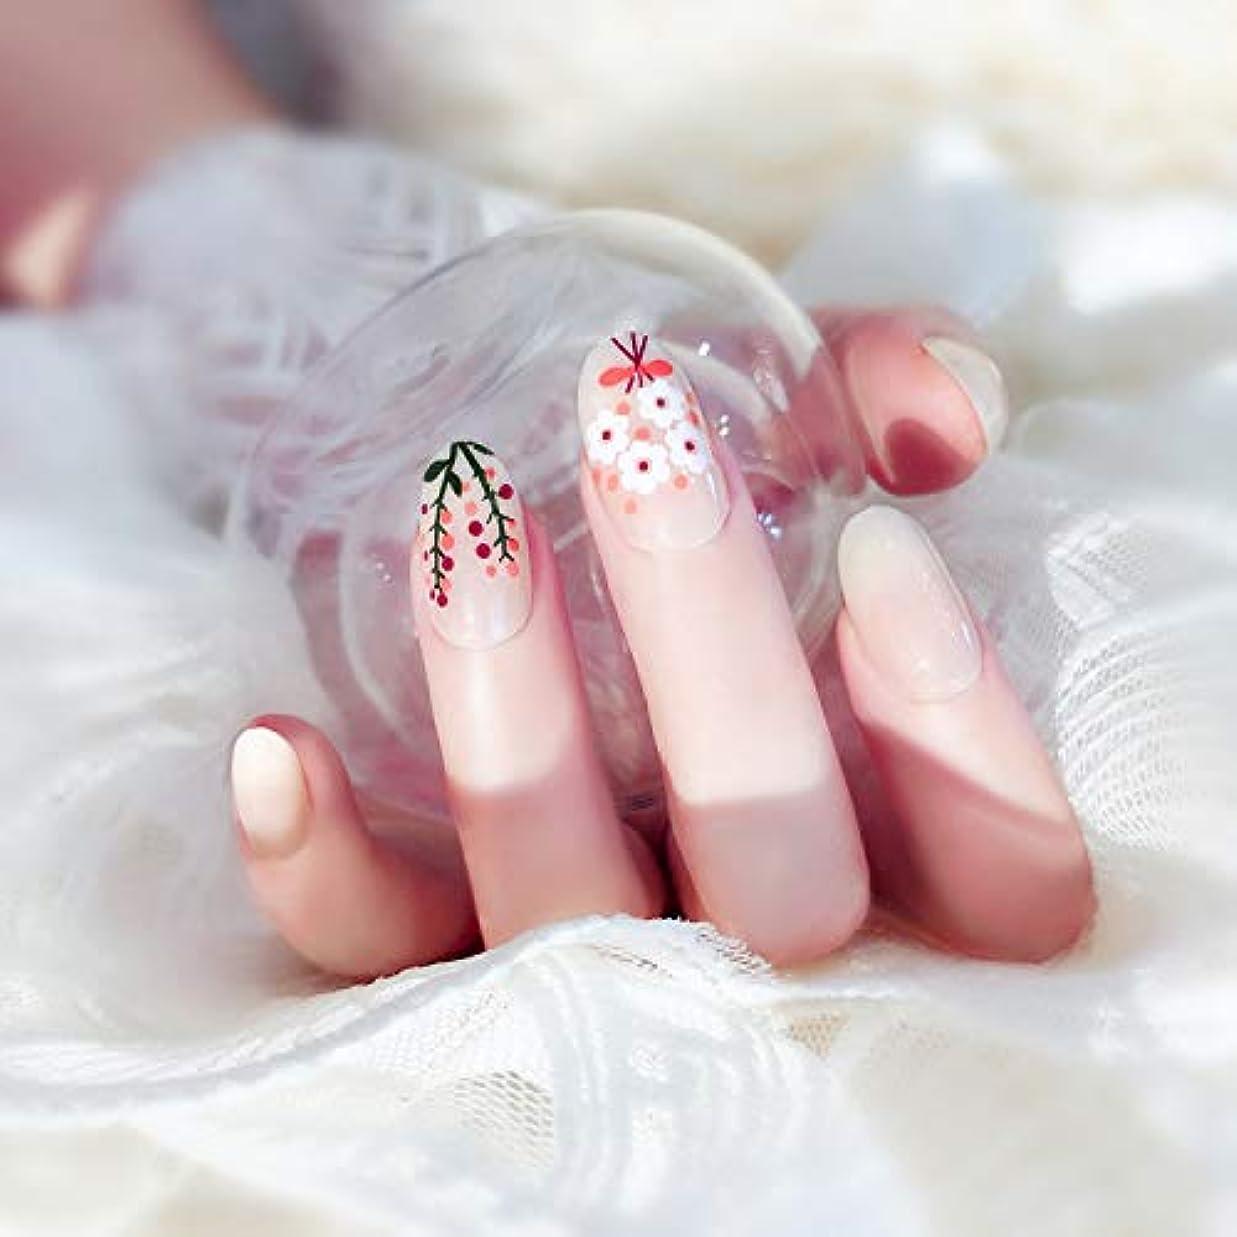 嘆く脅迫養う24枚入 可愛い優雅ネイル 手作りネイルチップ 和装 ネイル 結婚式、パーティー、二次会など 予め接着した爪 中等長ネイルチップ (Z22)